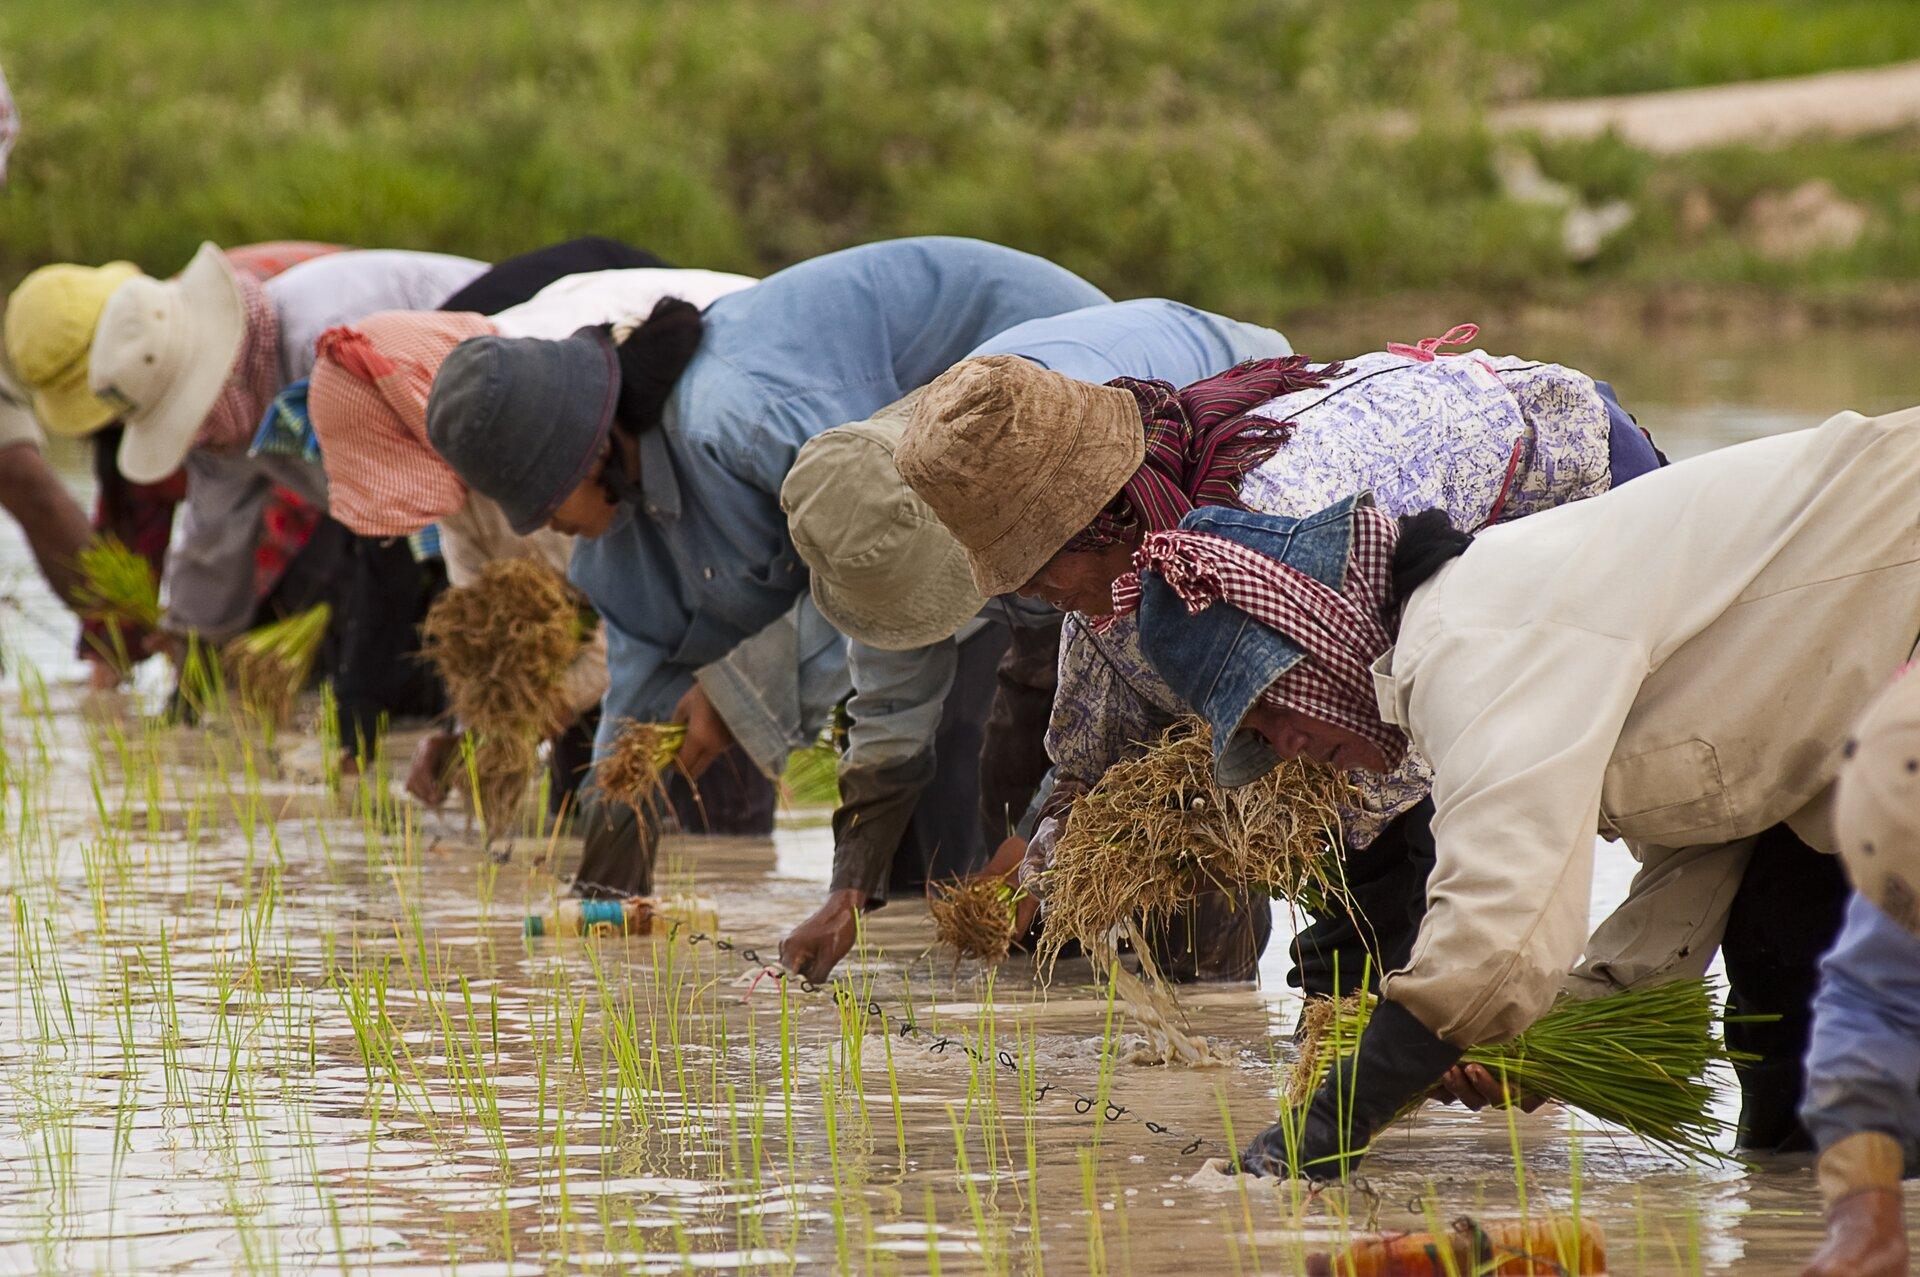 Na zdjęciu kilka osób stoi rzędem wwodzie sięgającej do połowy łydek wschylonej pozycji isadzi ryż.